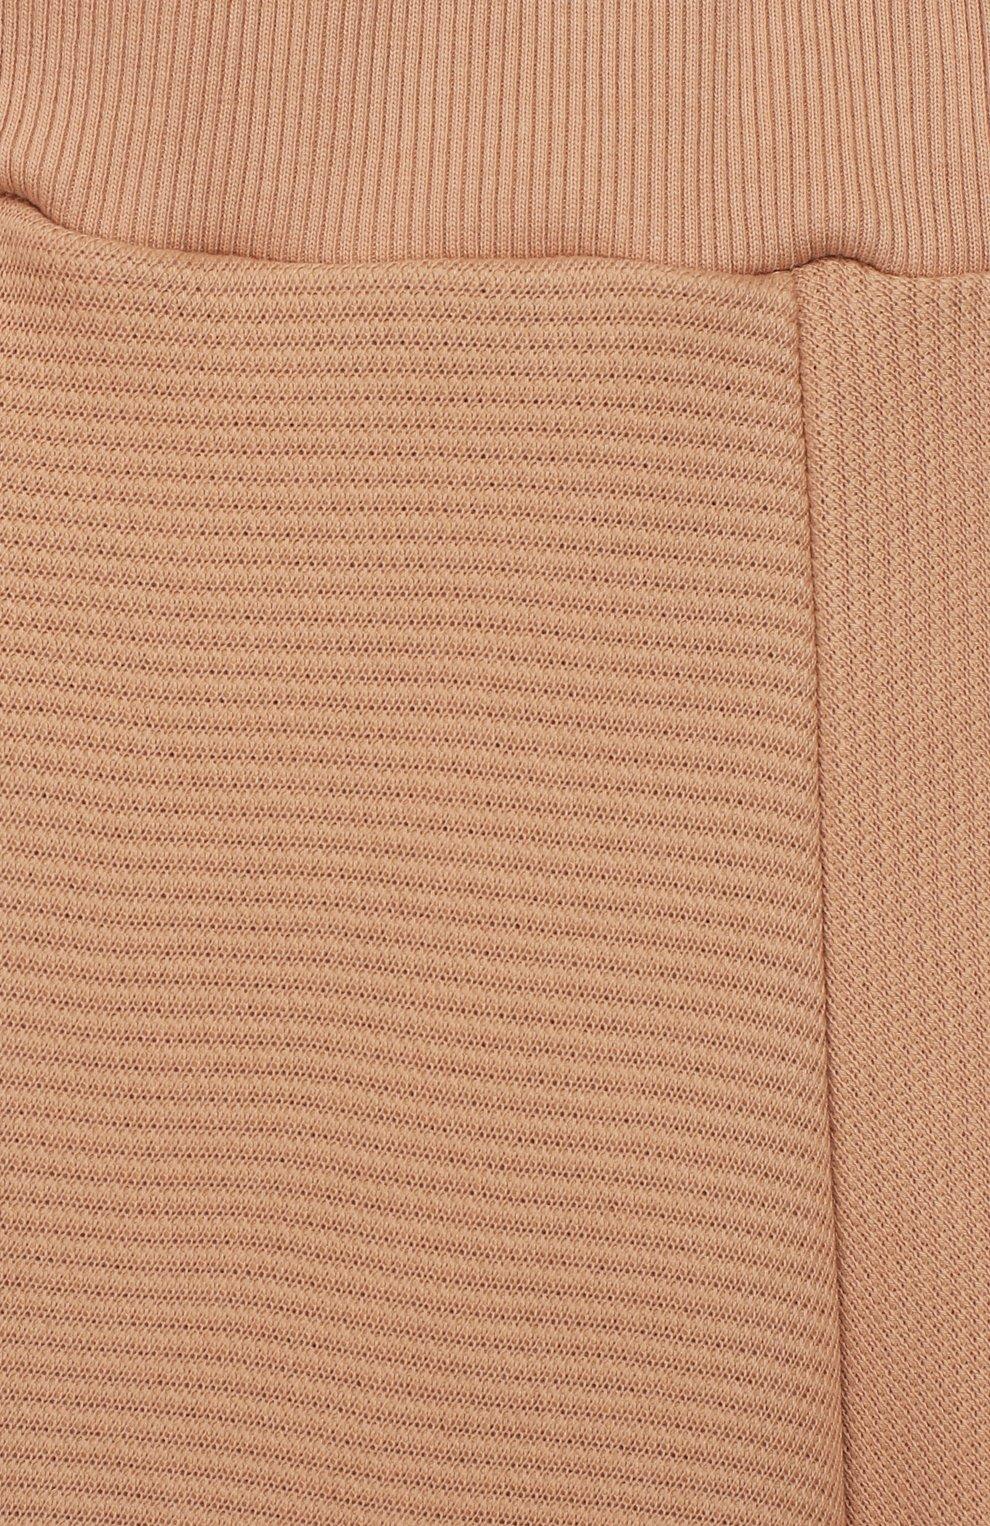 Детские хлопковые брюки UNLABEL бежевого цвета, арт. CANA-2/08-IN001-B/12A-16A | Фото 3 (Девочки Кросс-КТ: Брюки-одежда; Материал внешний: Хлопок; Ростовка одежда: 12 лет | 152 см, 13 - 15 лет | 158 см, 16 лет | 164 см)